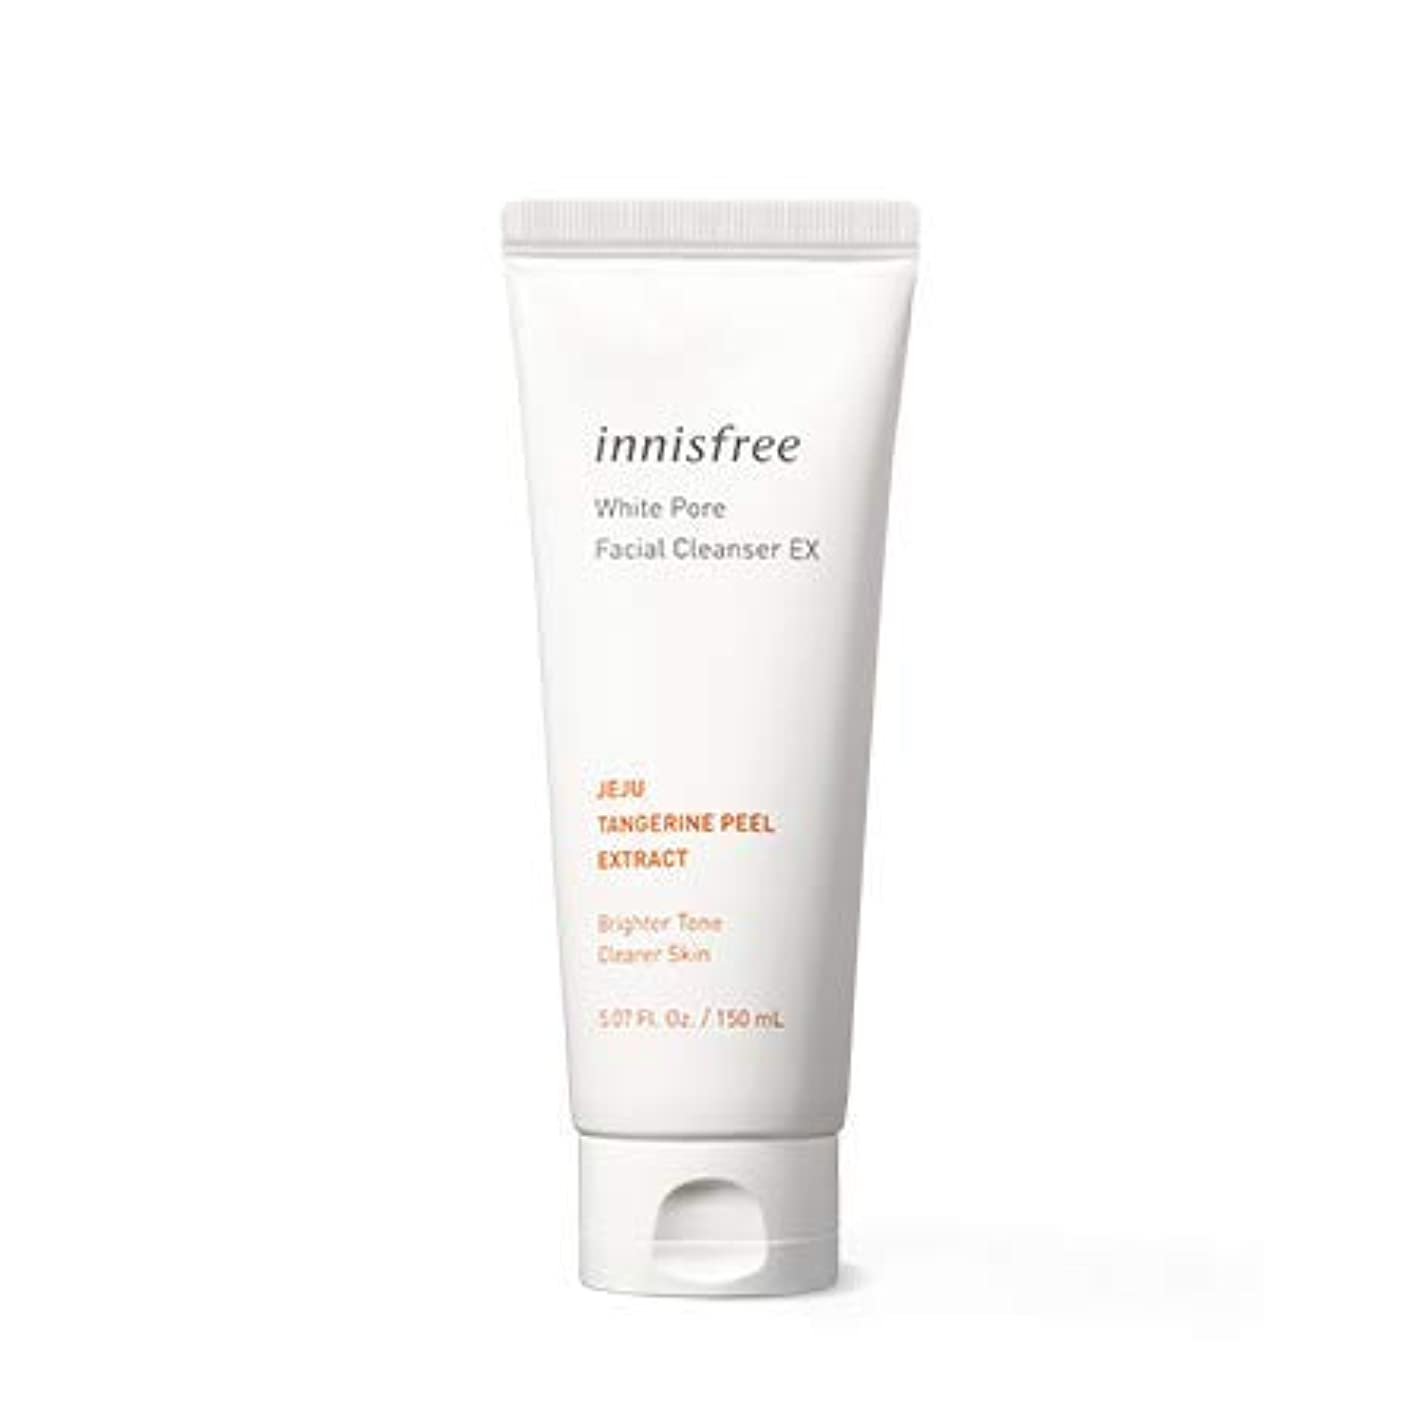 クリック無心不快な[イニスフリー.INNISFREE]ホワイトポアフェイシャルクレンザーEX150mL×2EA,(2019。新発売)White Pore Facial Cleanser Ex